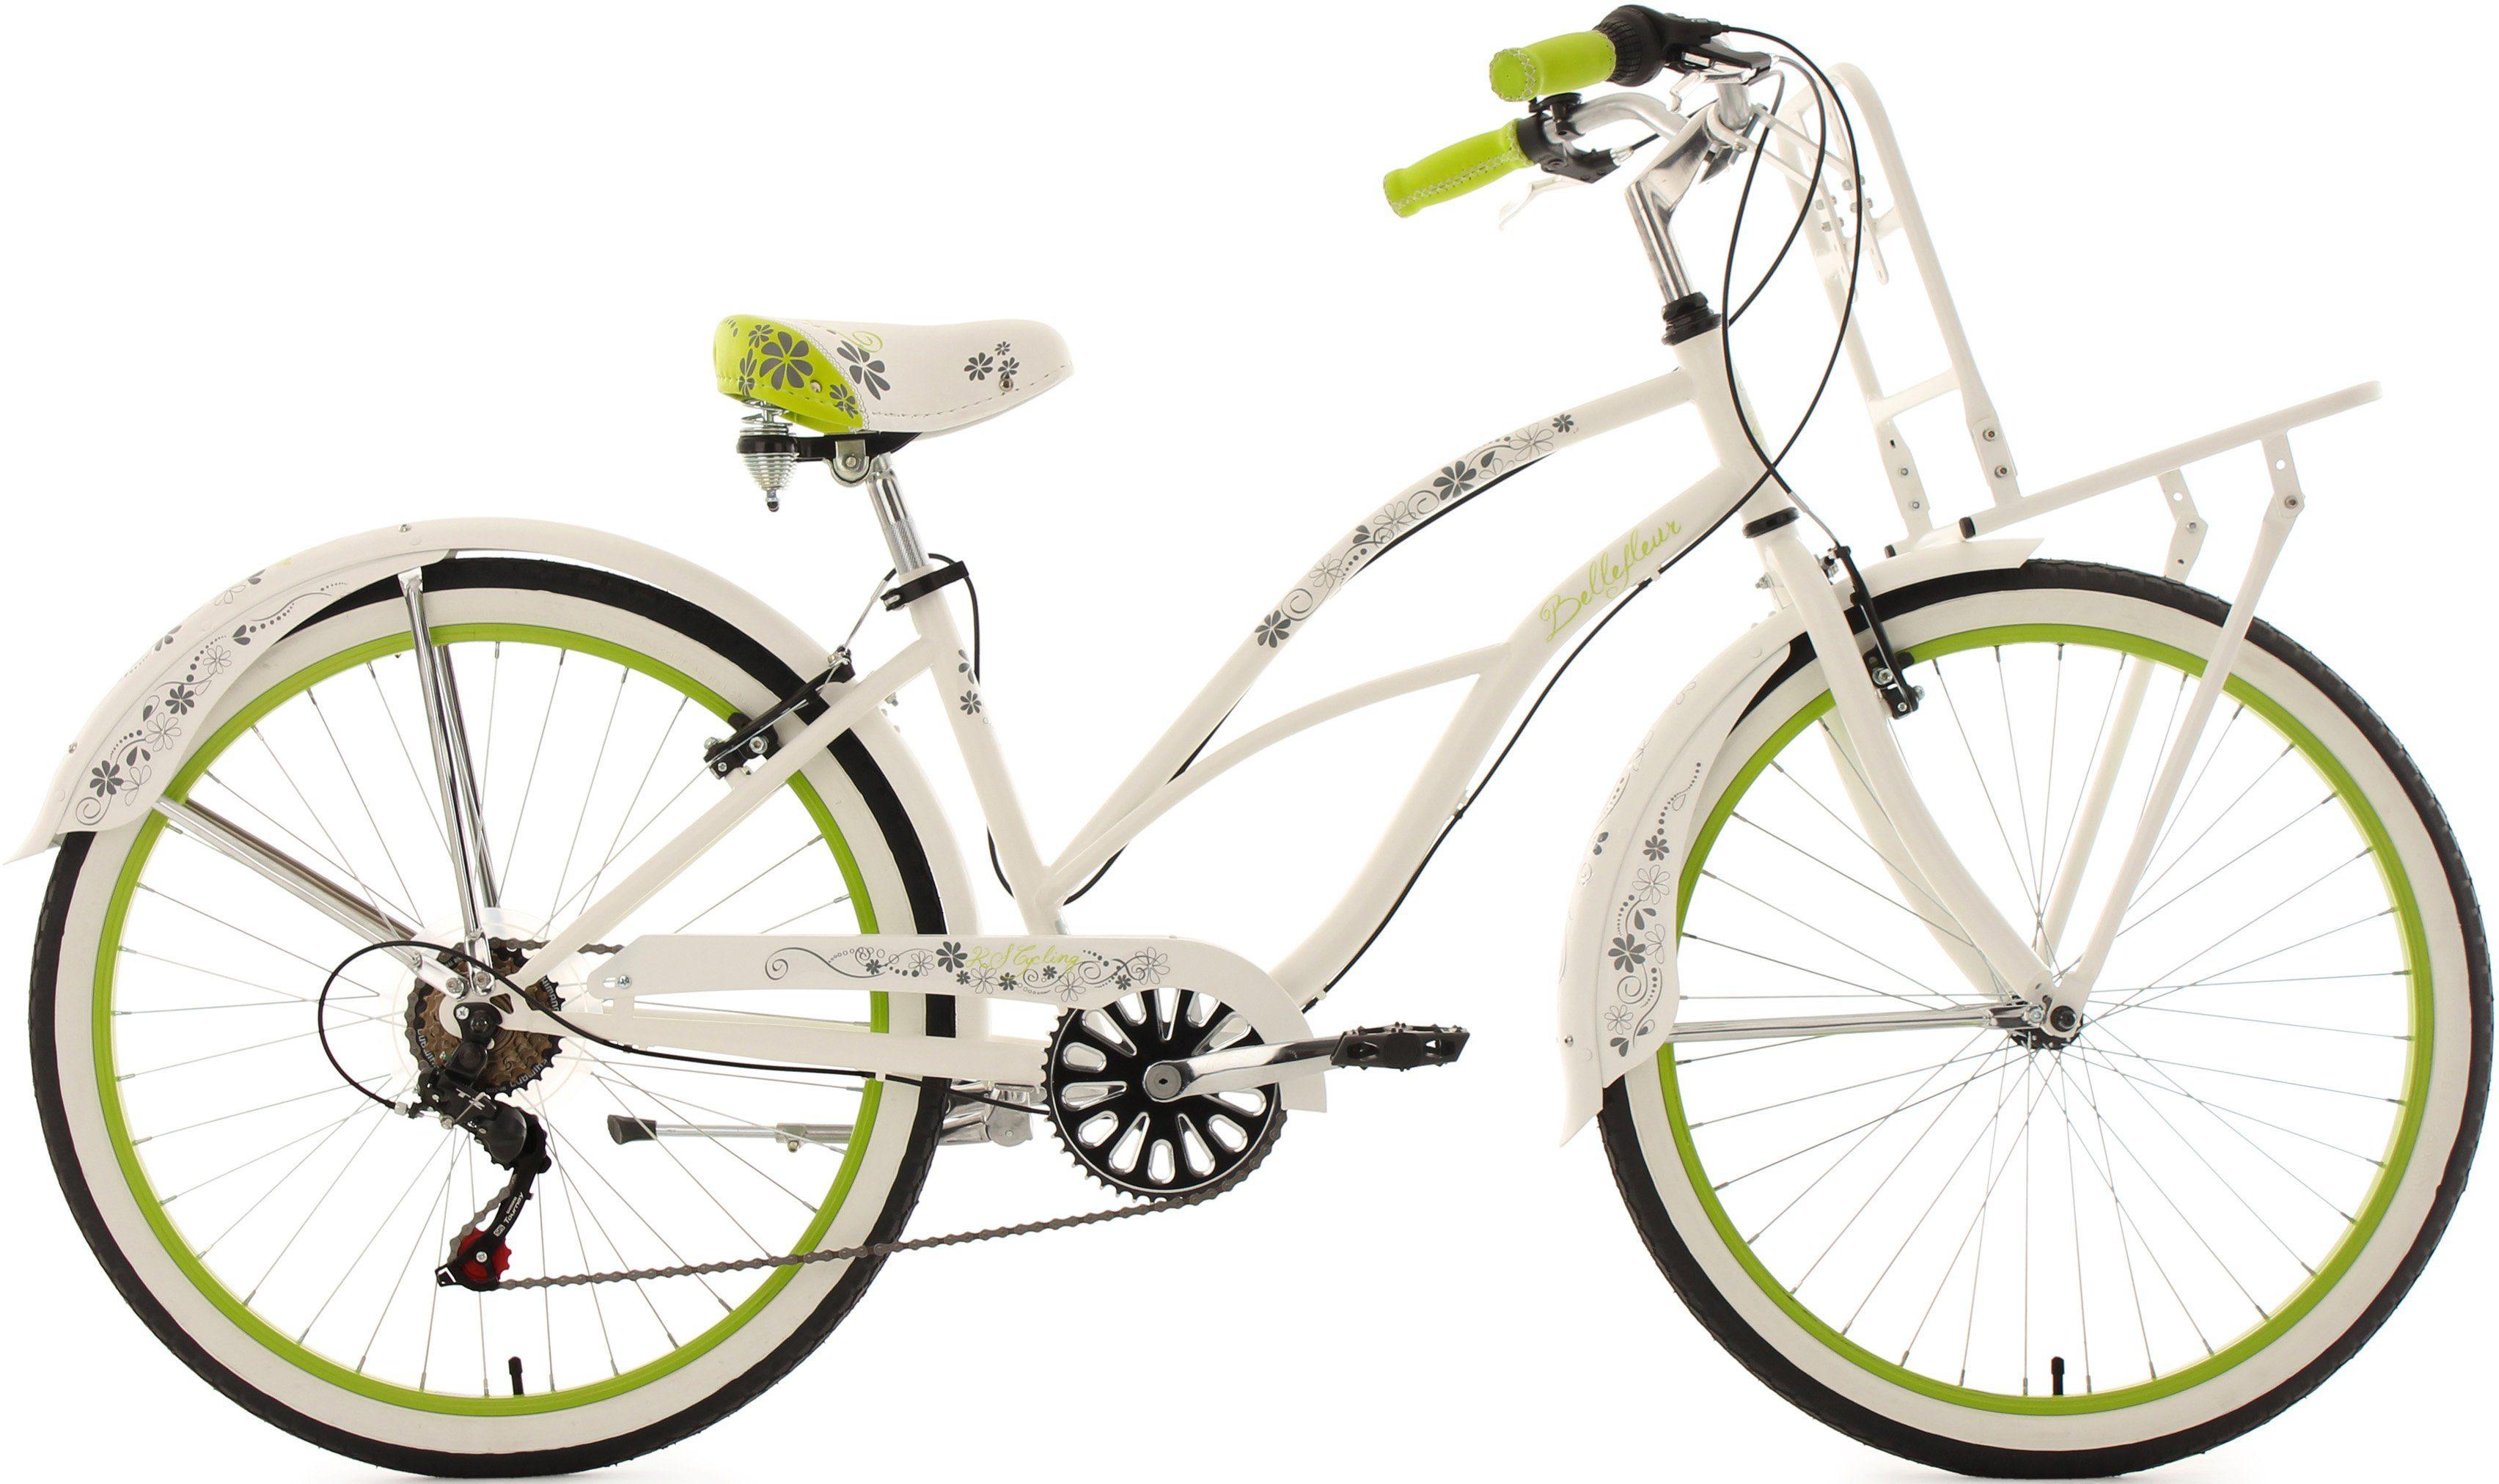 KS Cycling Cargo-Beachcruiser Damen, 26 Zoll, weiß-grün, 6 Gang-Kettenschaltung, »Bellefleur«